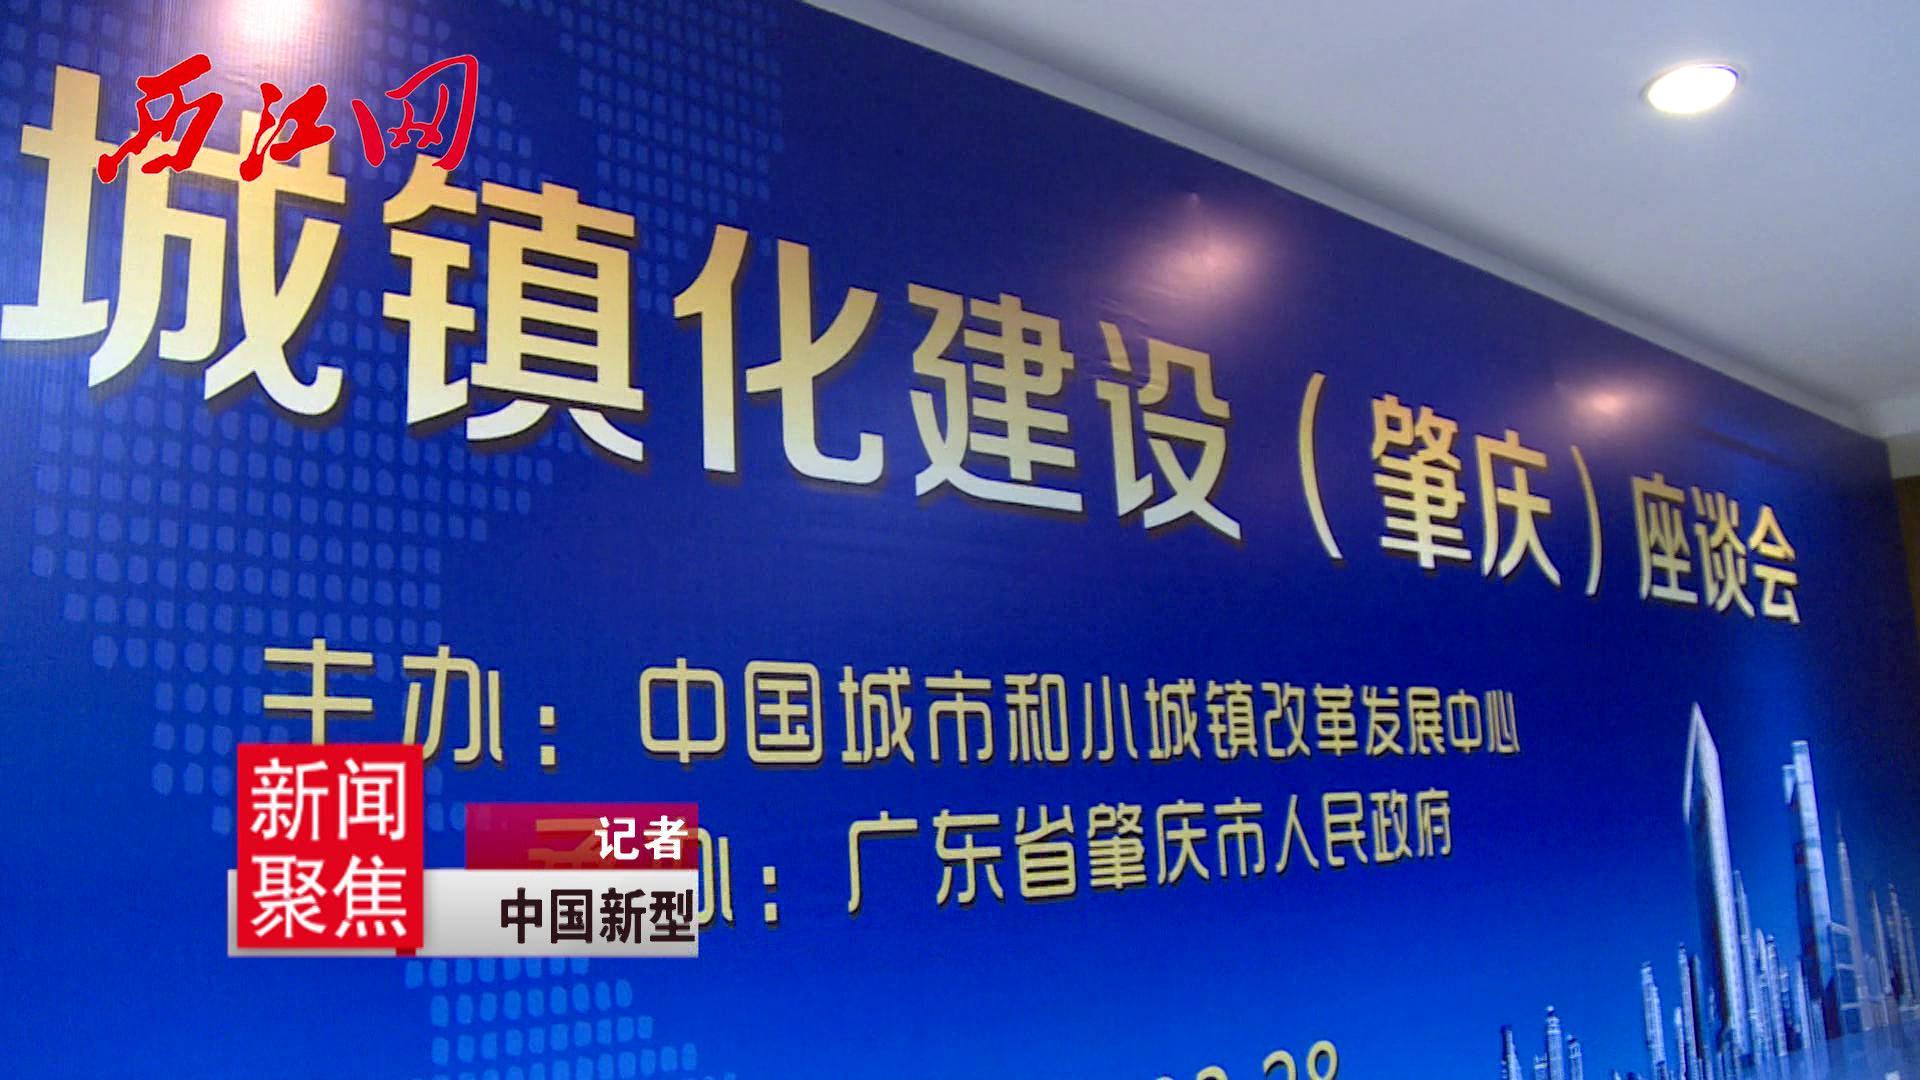 中国新型城镇化建设(肇庆)座谈会在肇庆新区召开